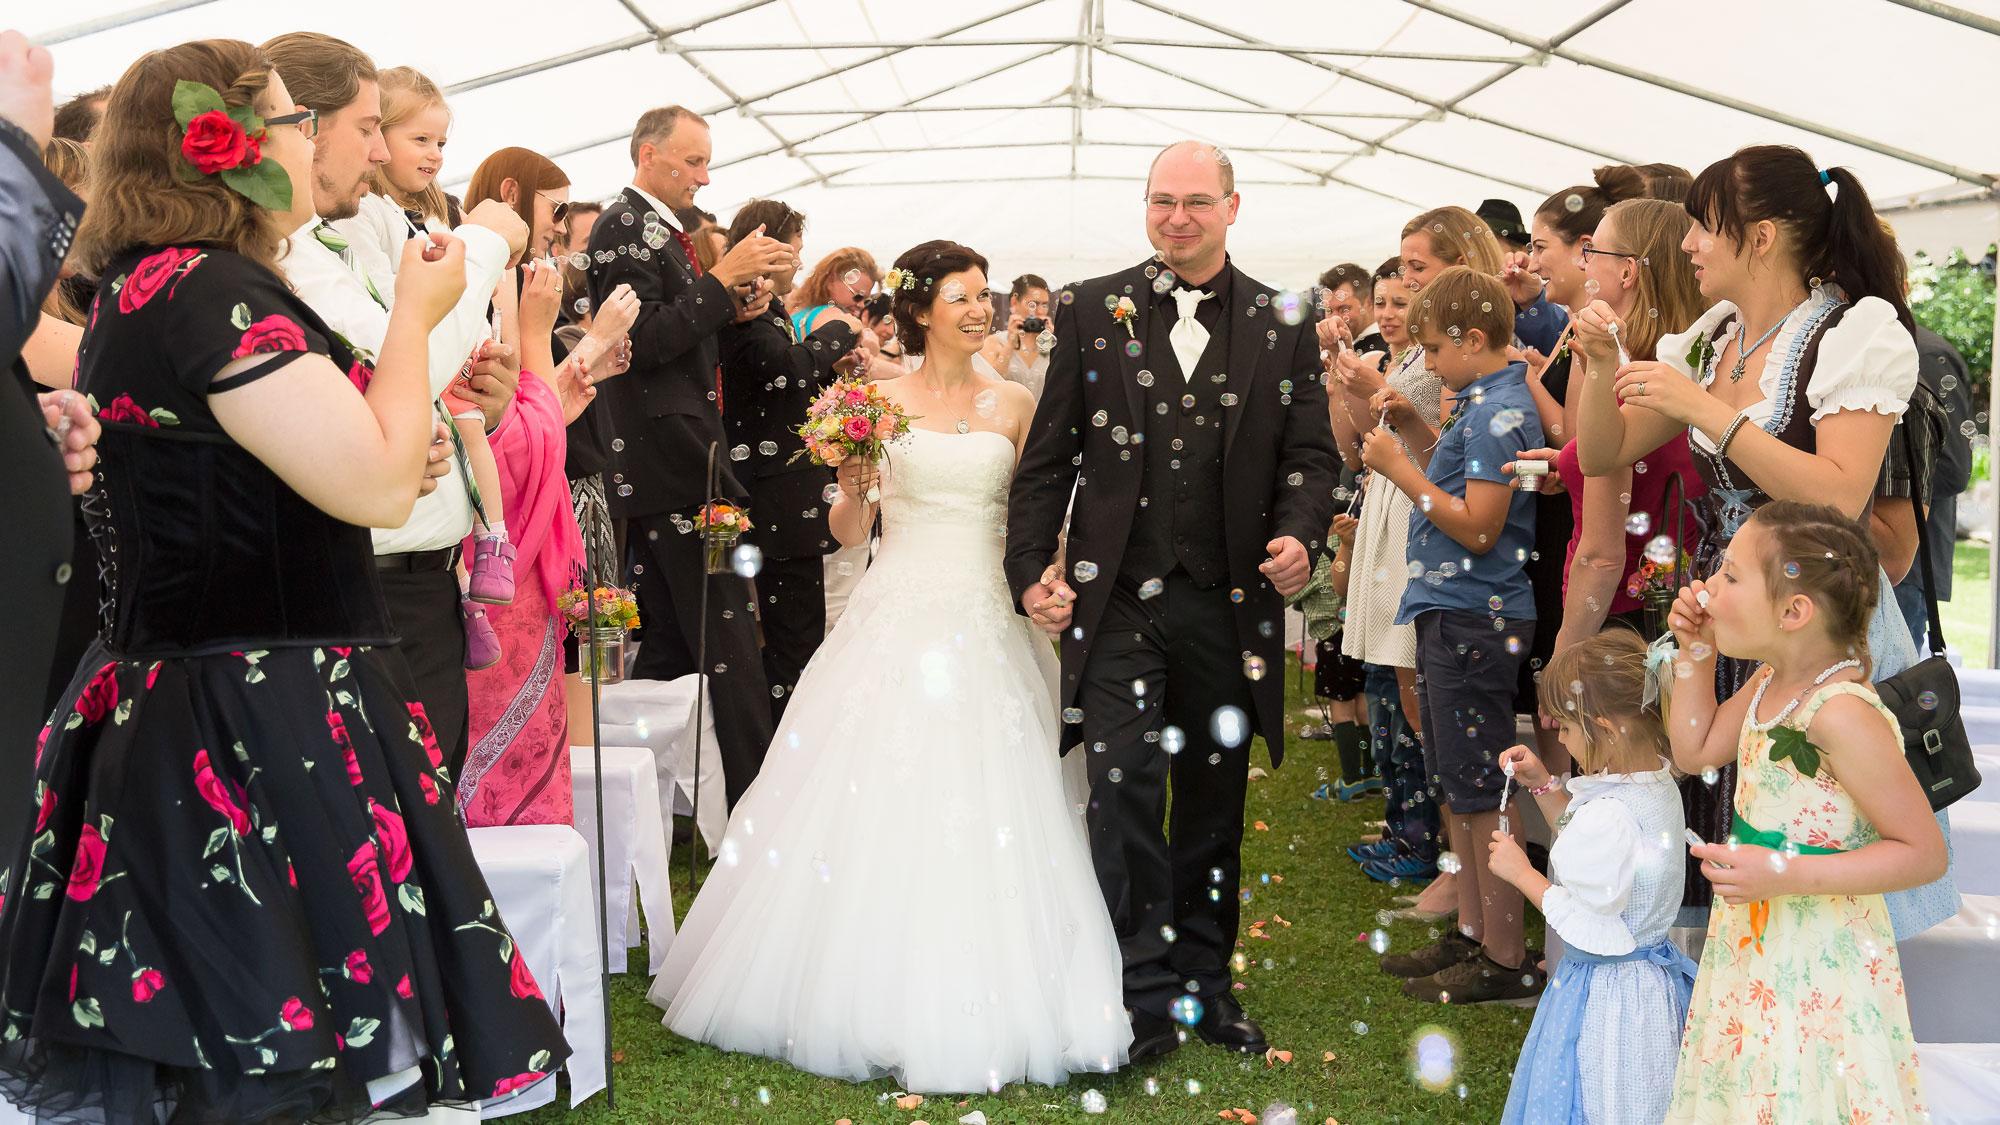 Frisch verheiratet geht es durch Seifenblasen weiter zum Gruppenfoto.